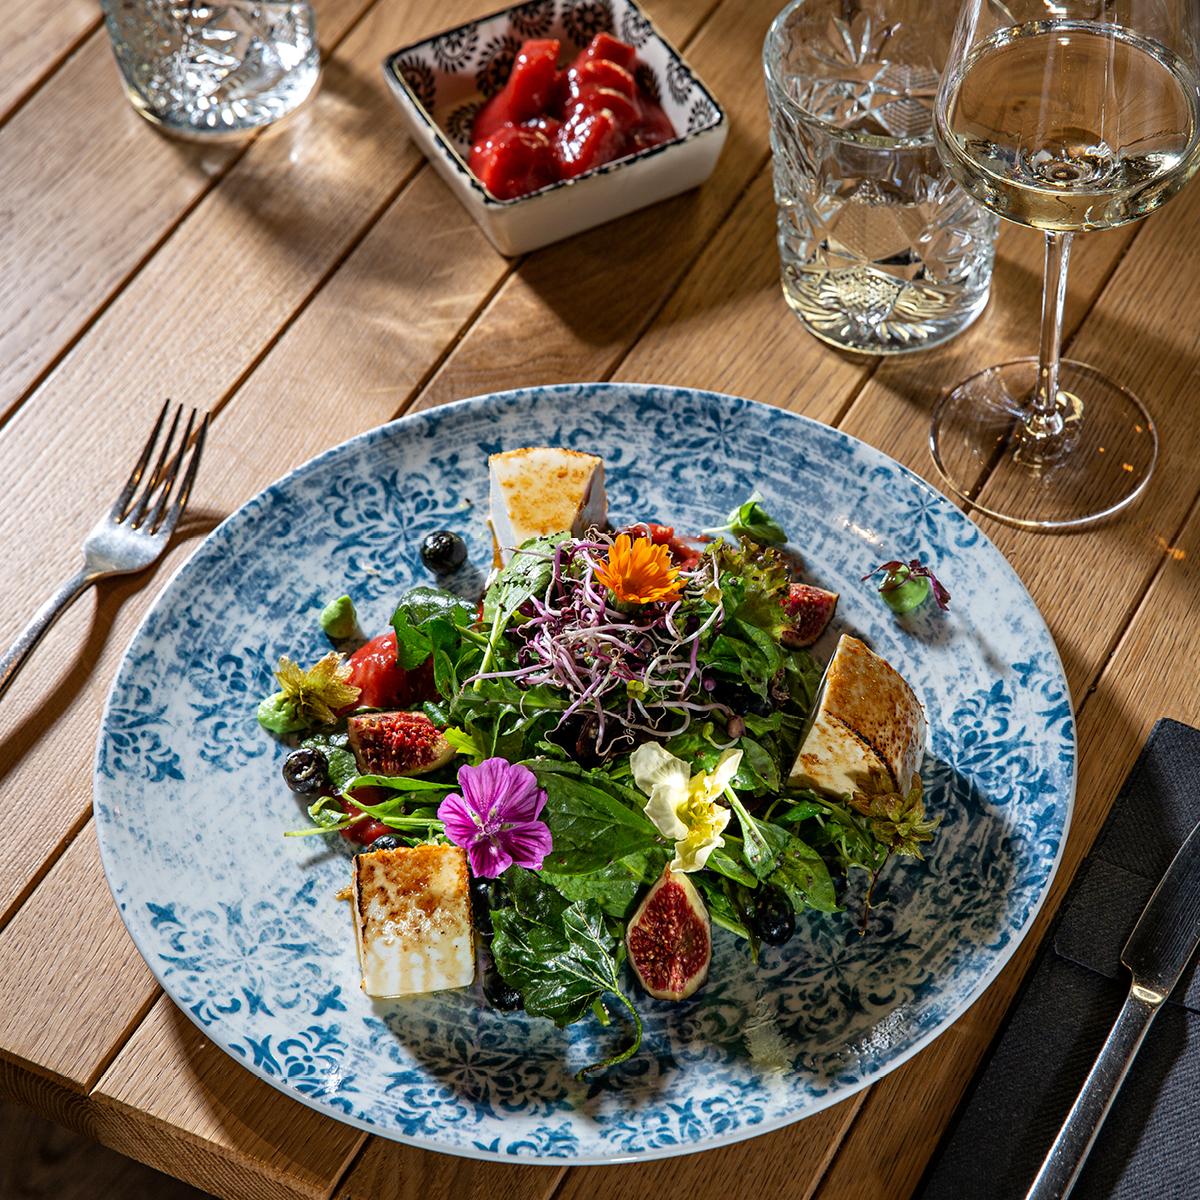 Das Bild zeigt einen knackig-frischen Salat auf einem Holztisch.